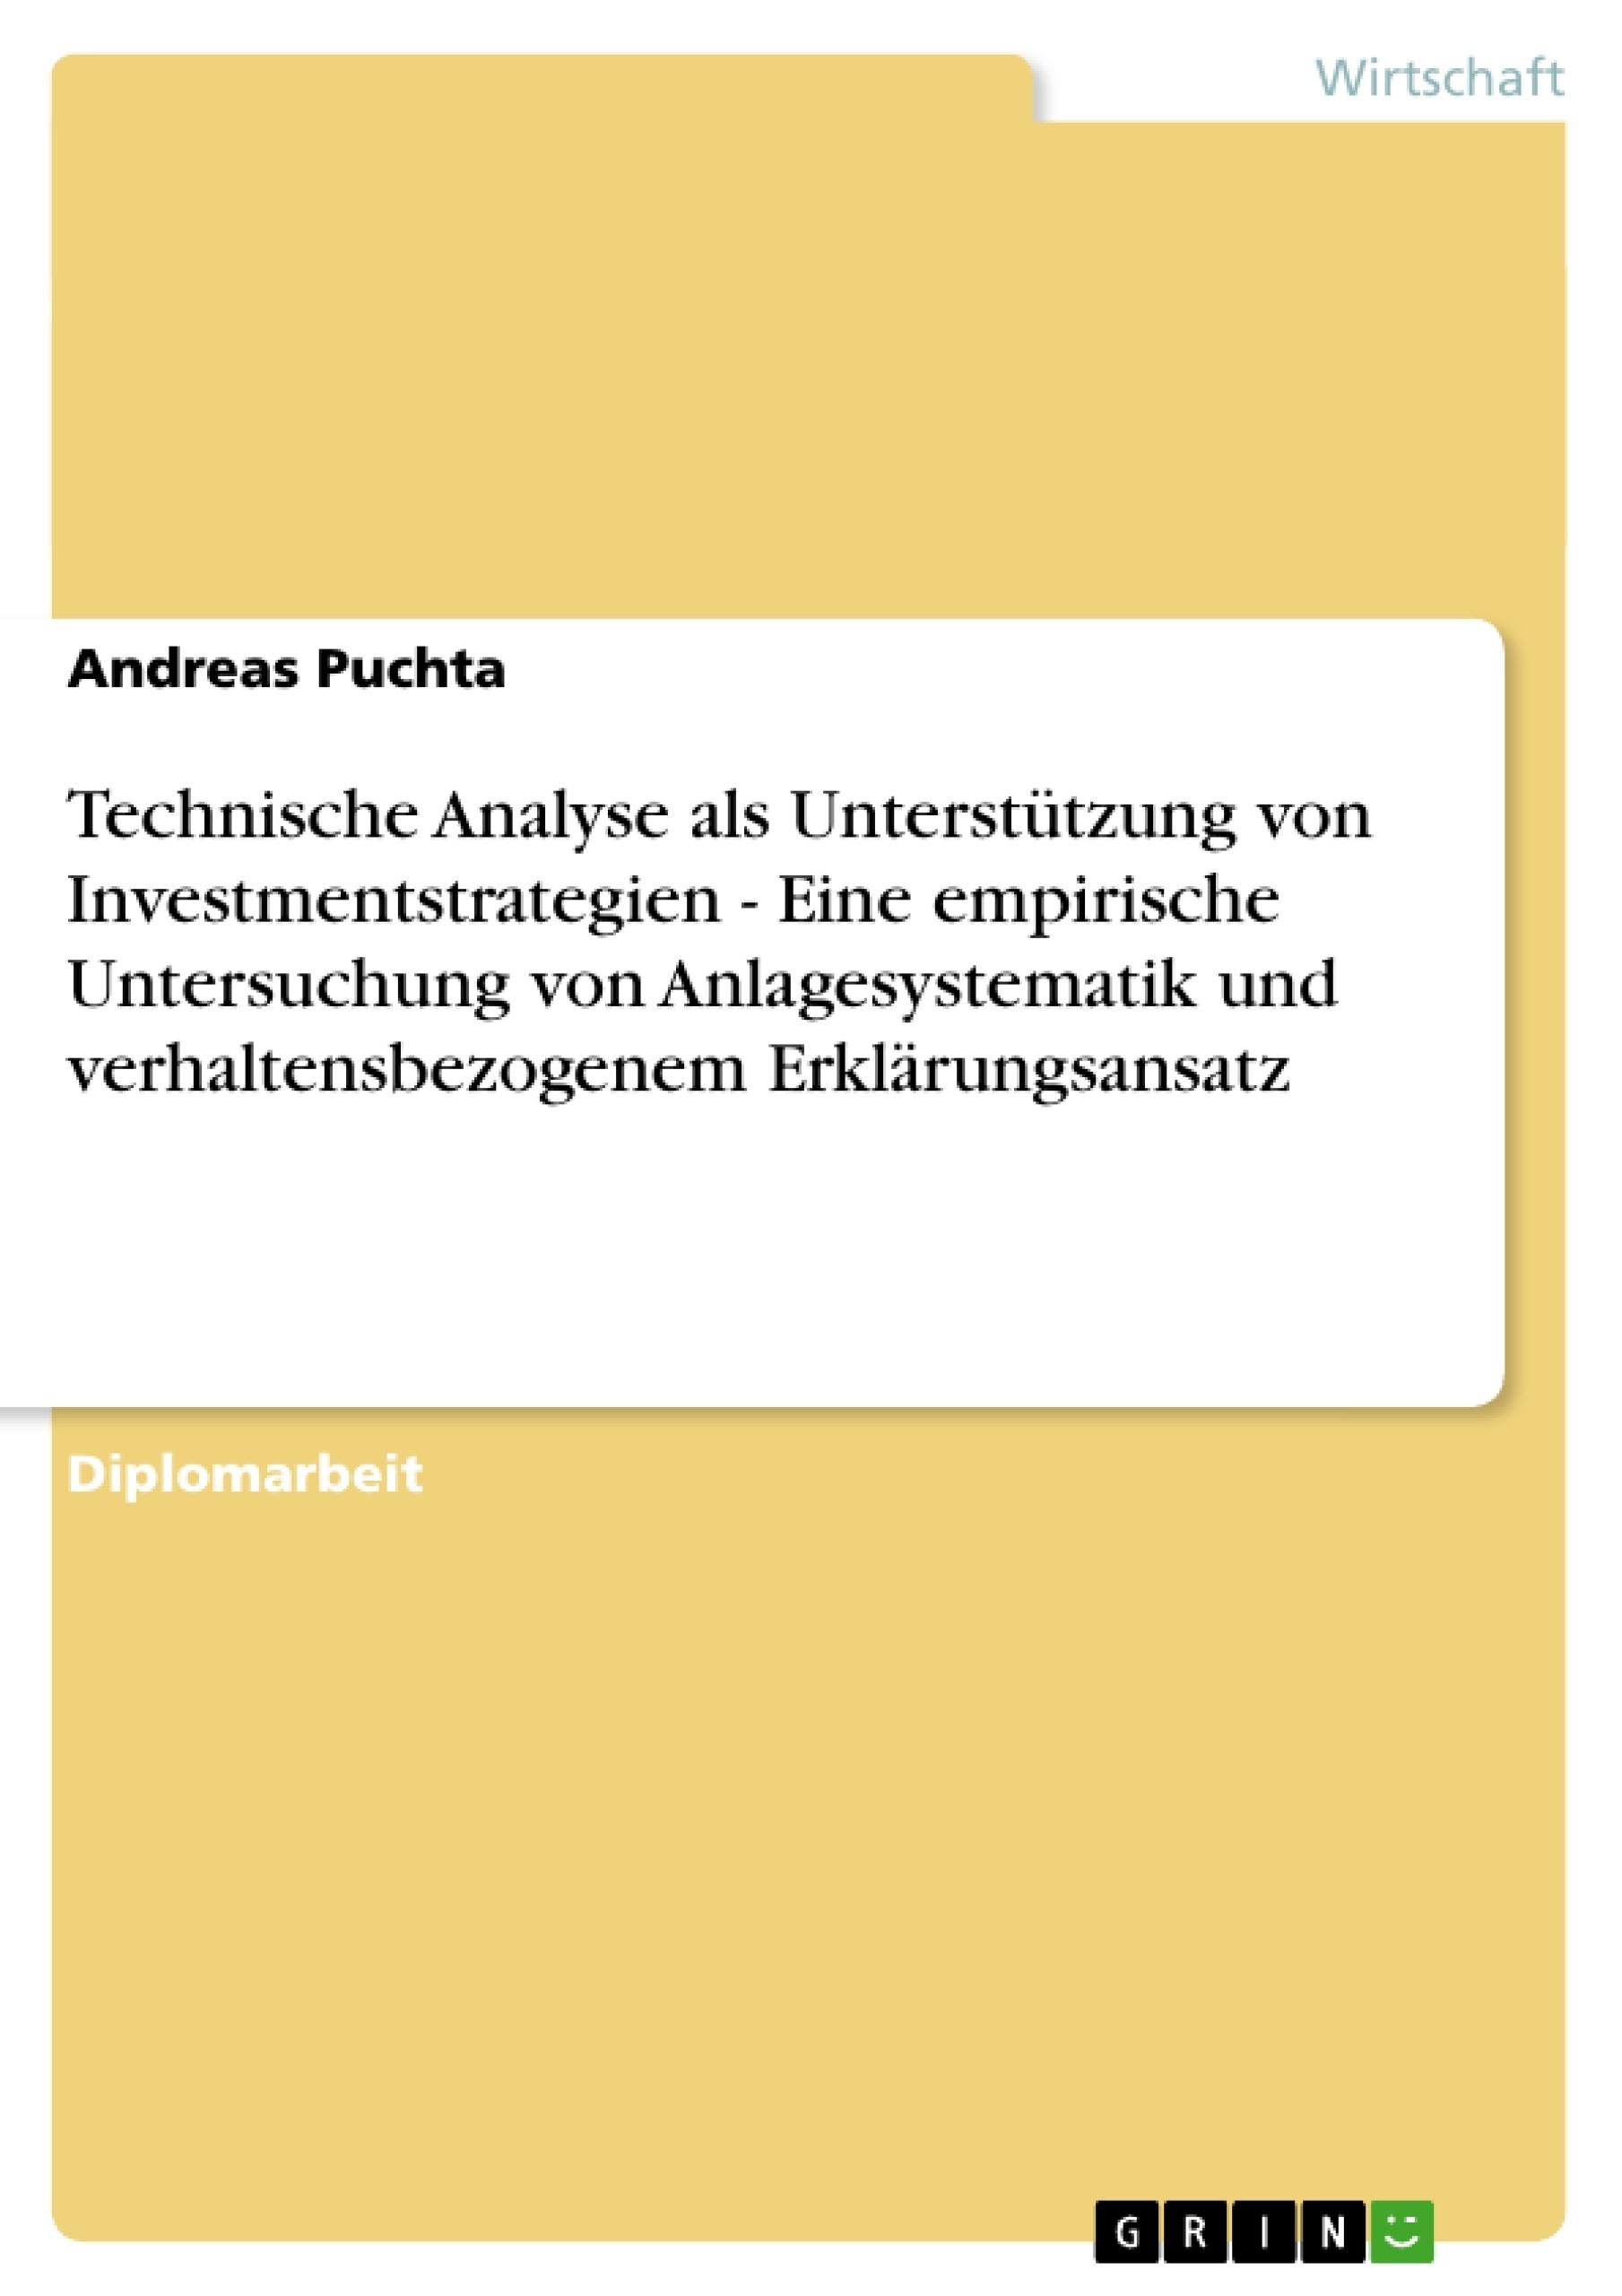 Titel: Technische Analyse als Unterstützung von Investmentstrategien - Eine empirische Untersuchung von Anlagesystematik und verhaltensbezogenem Erklärungsansatz